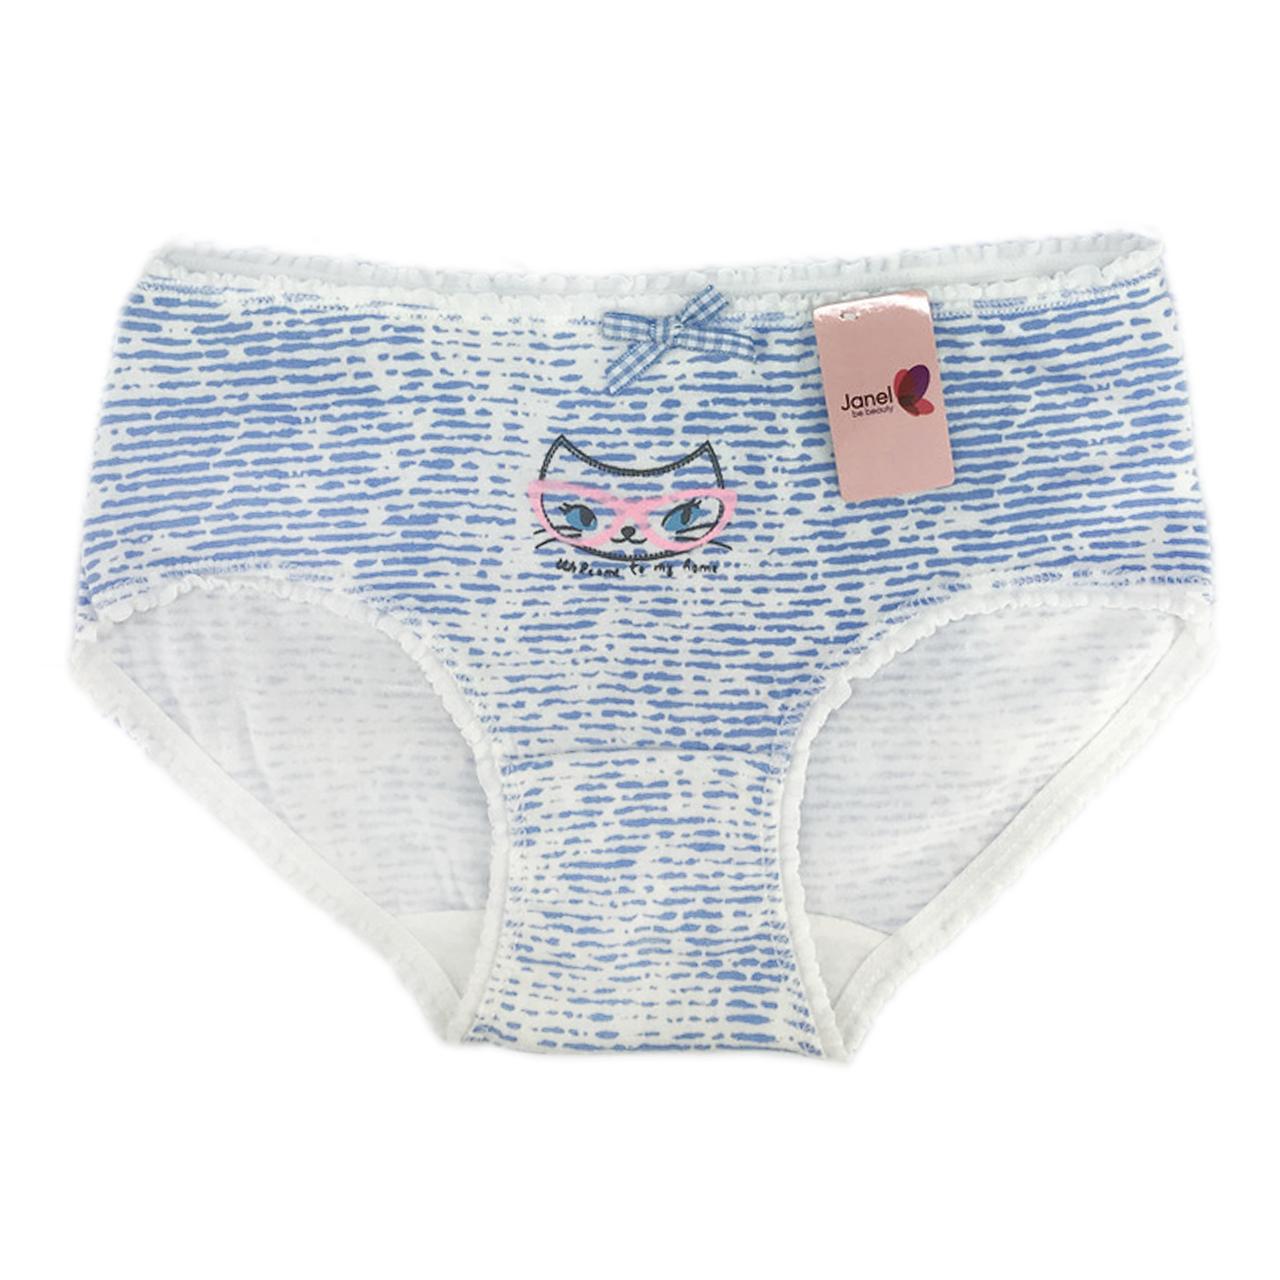 Труси жіночі бавовняні Котик Janel, блакитні р. F,M,L,XL